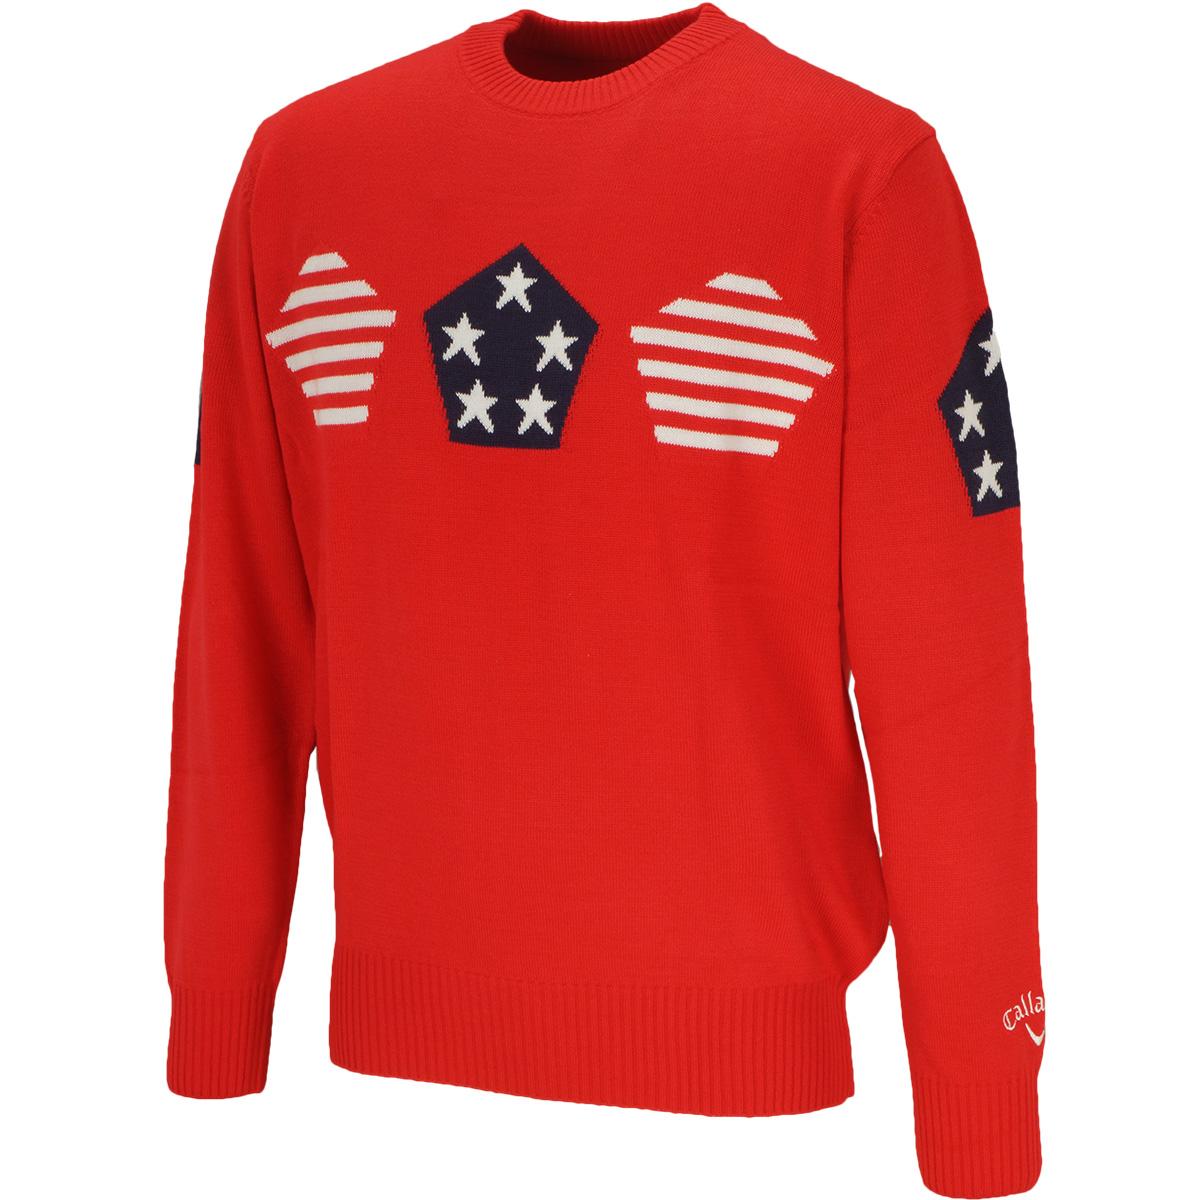 アメリカ柄クルーネックセーター